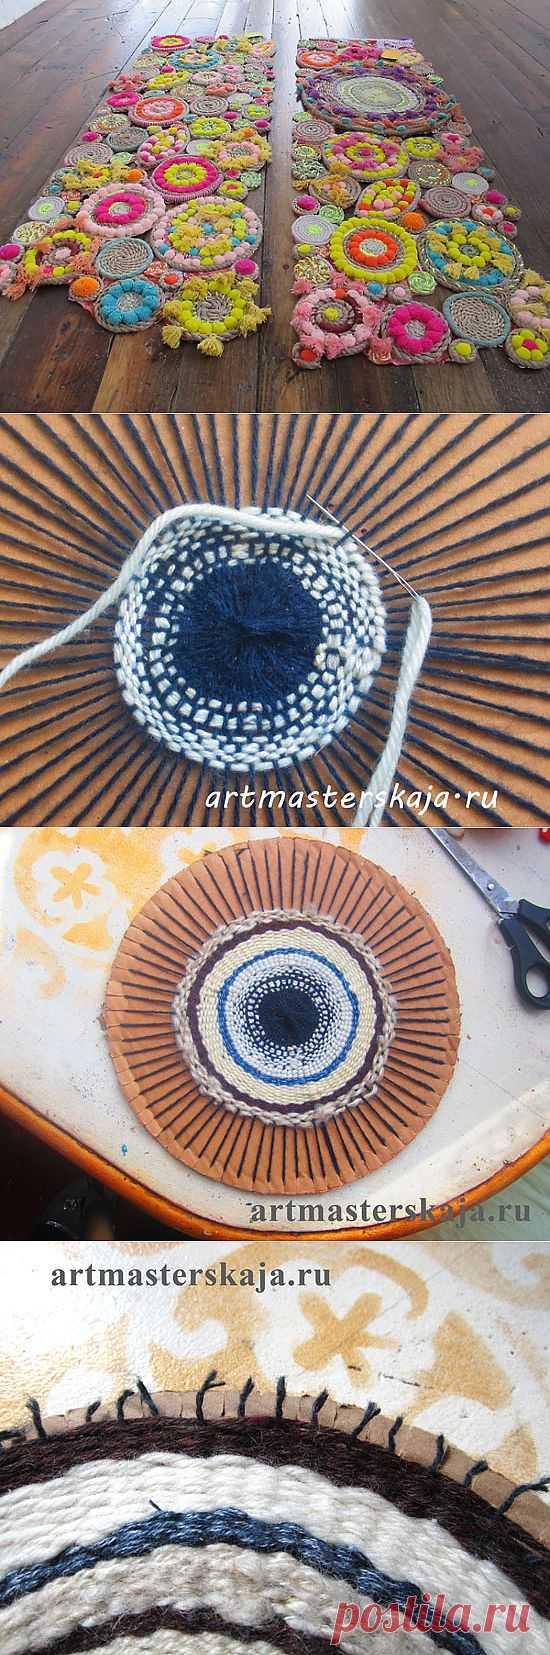 вязание дорожек на картоне вилкой пошагово фото голландской школы живописи